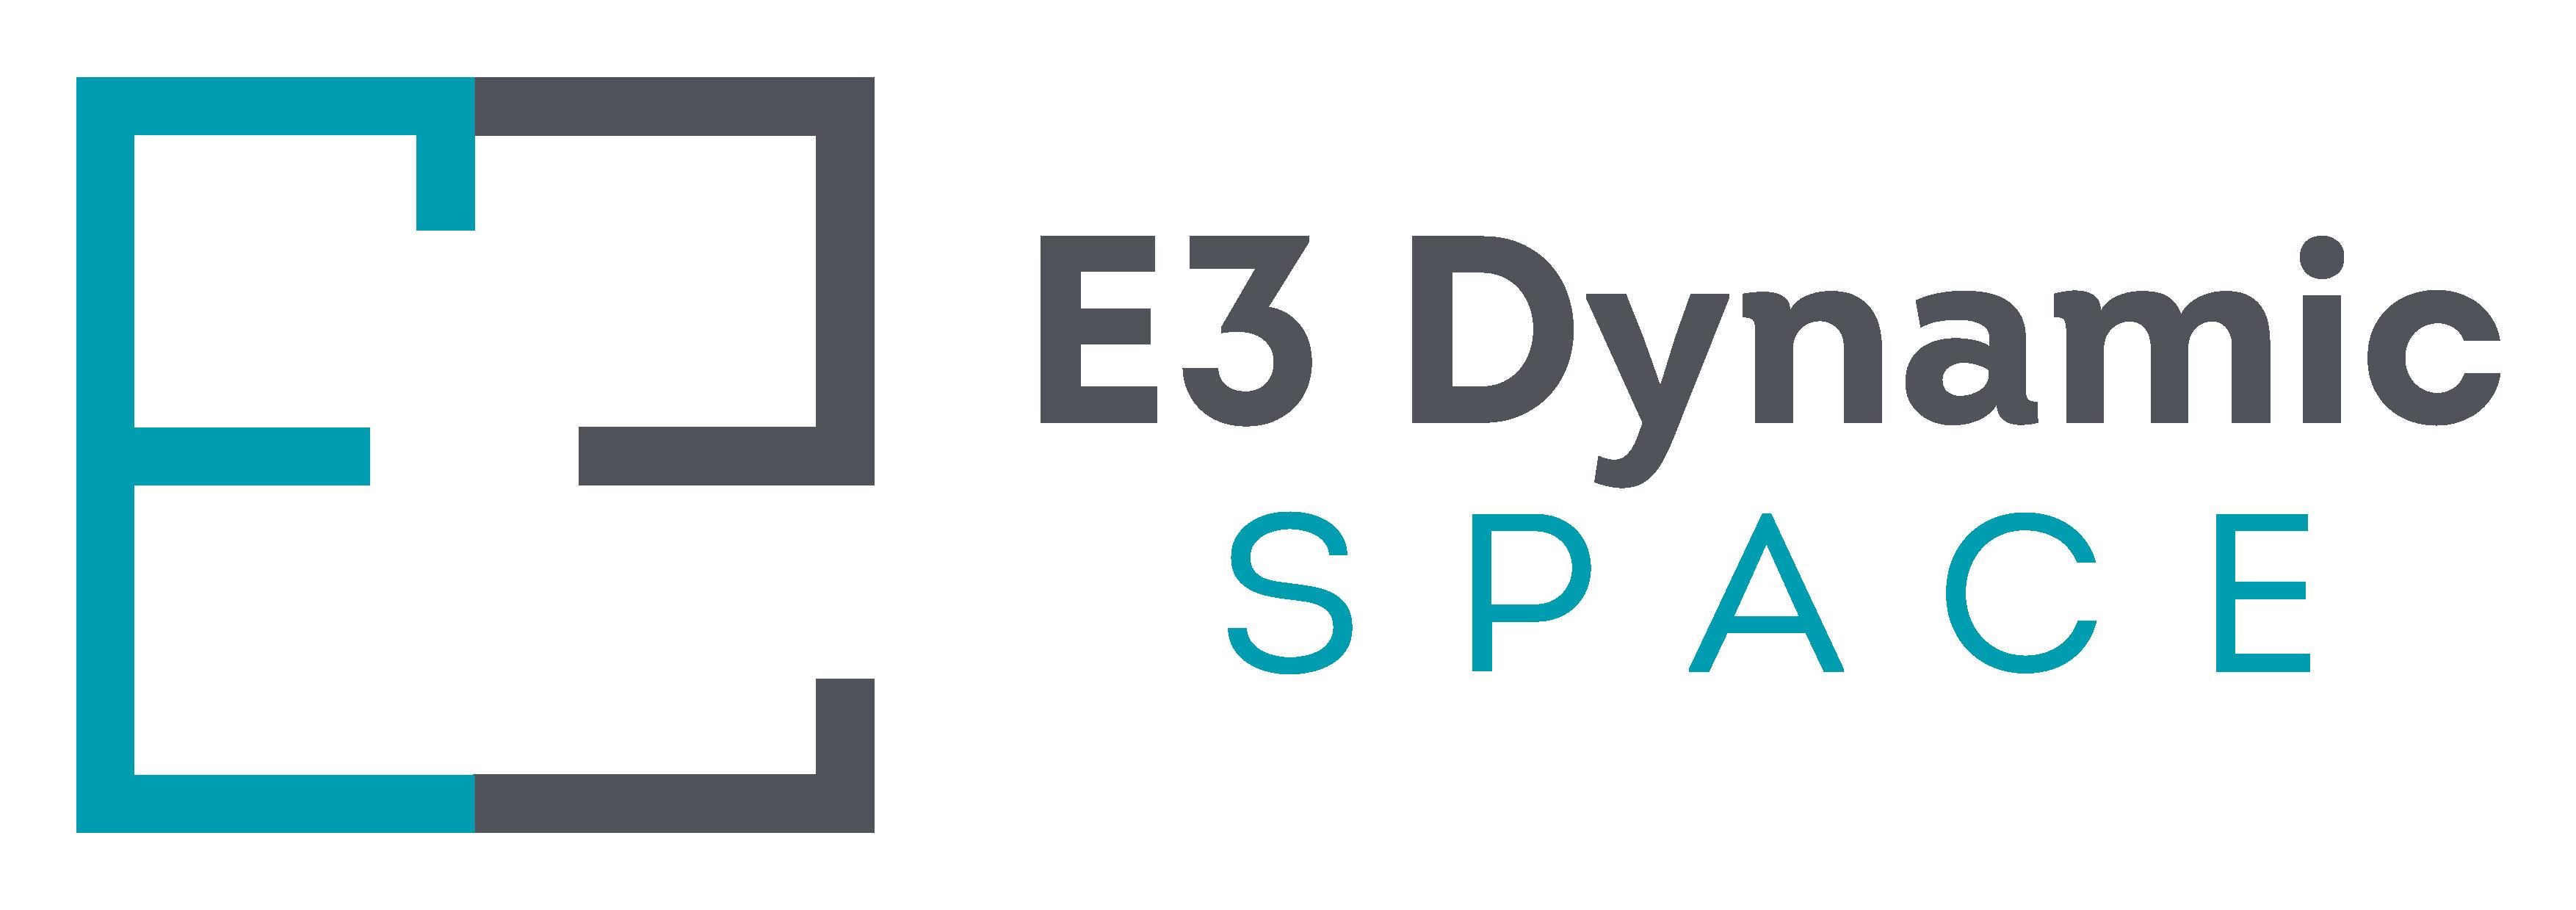 e3Dynamic